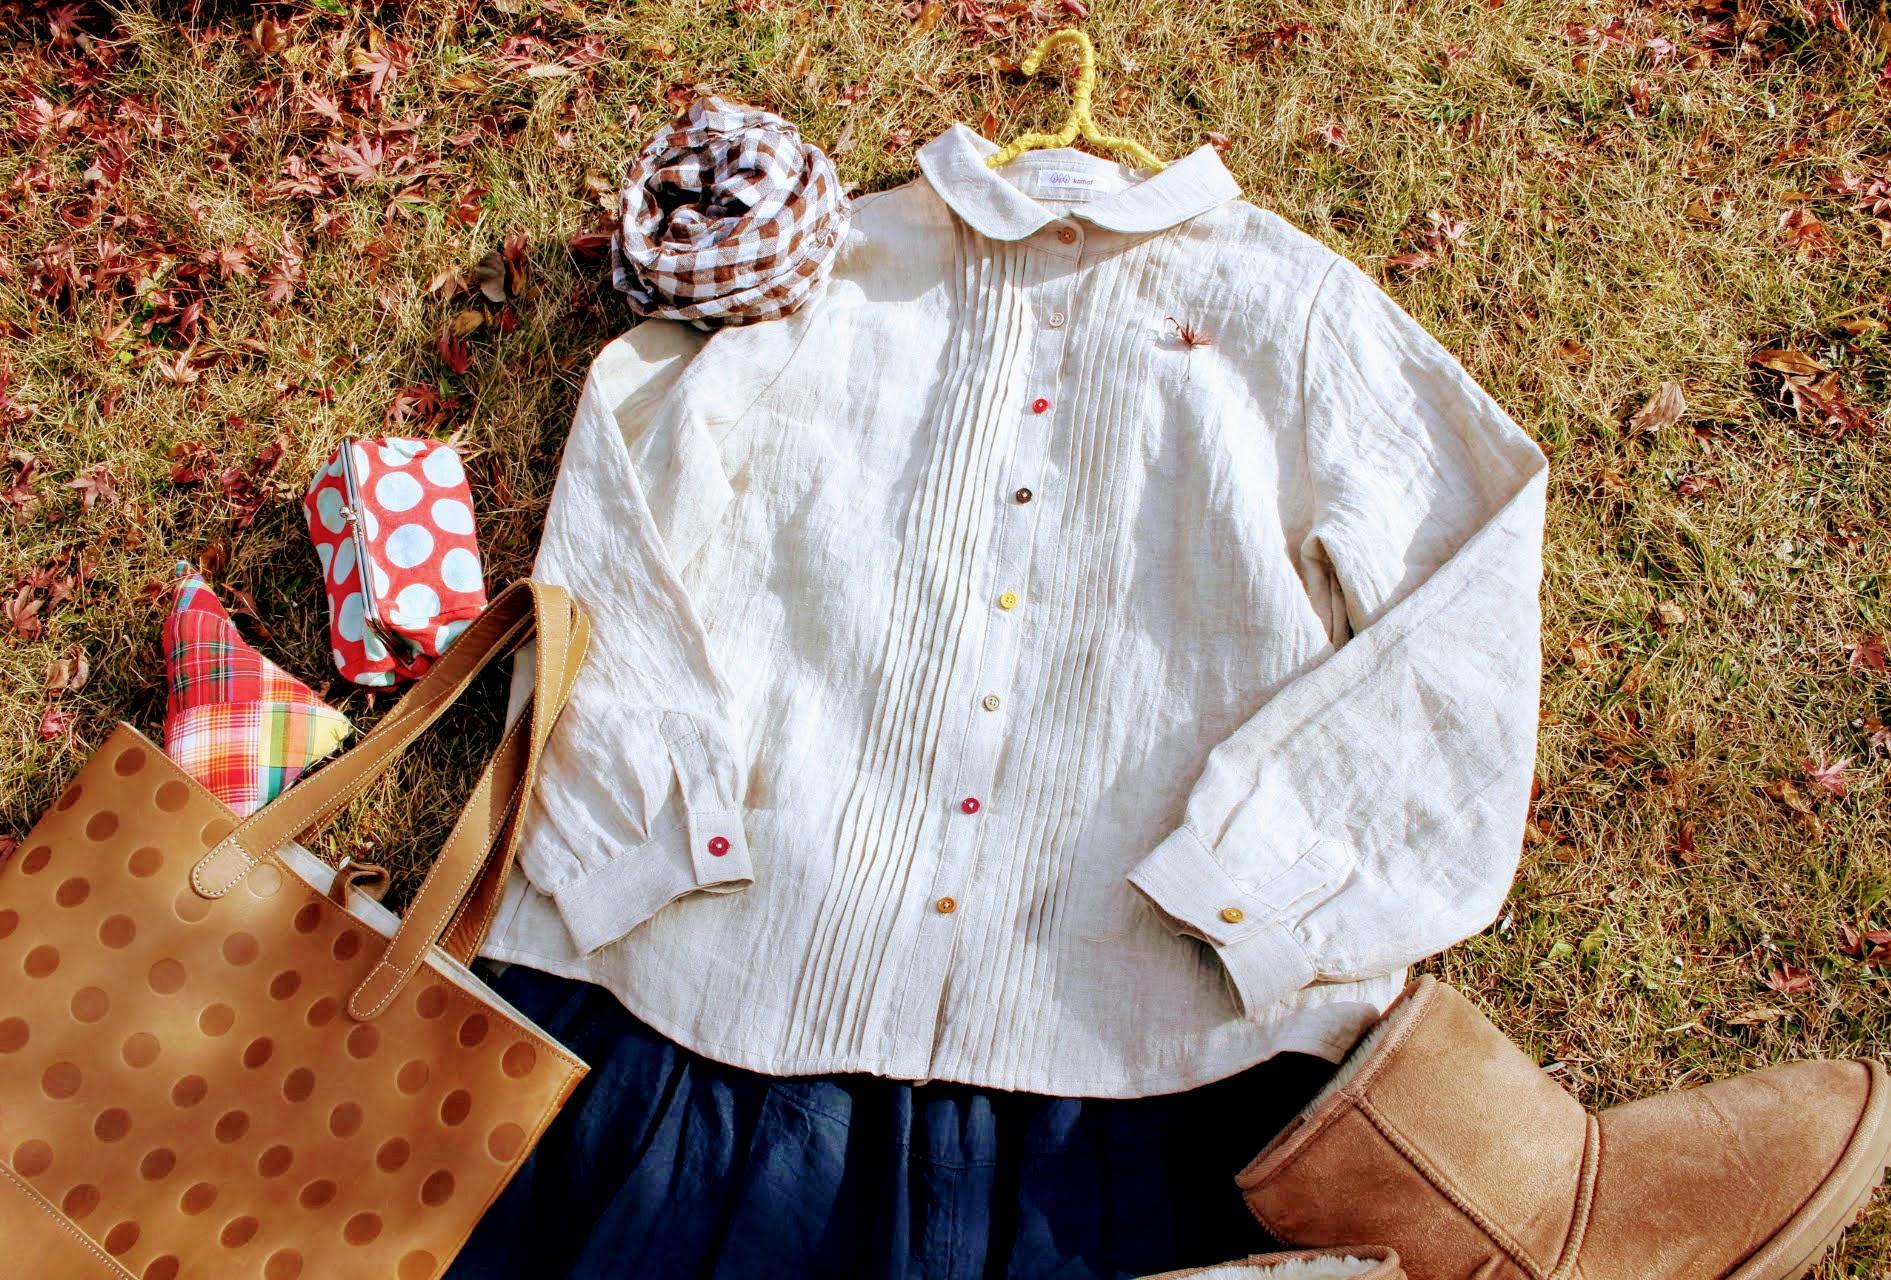 komofの服袋 第3弾 服袋18900円の中みご紹介します。